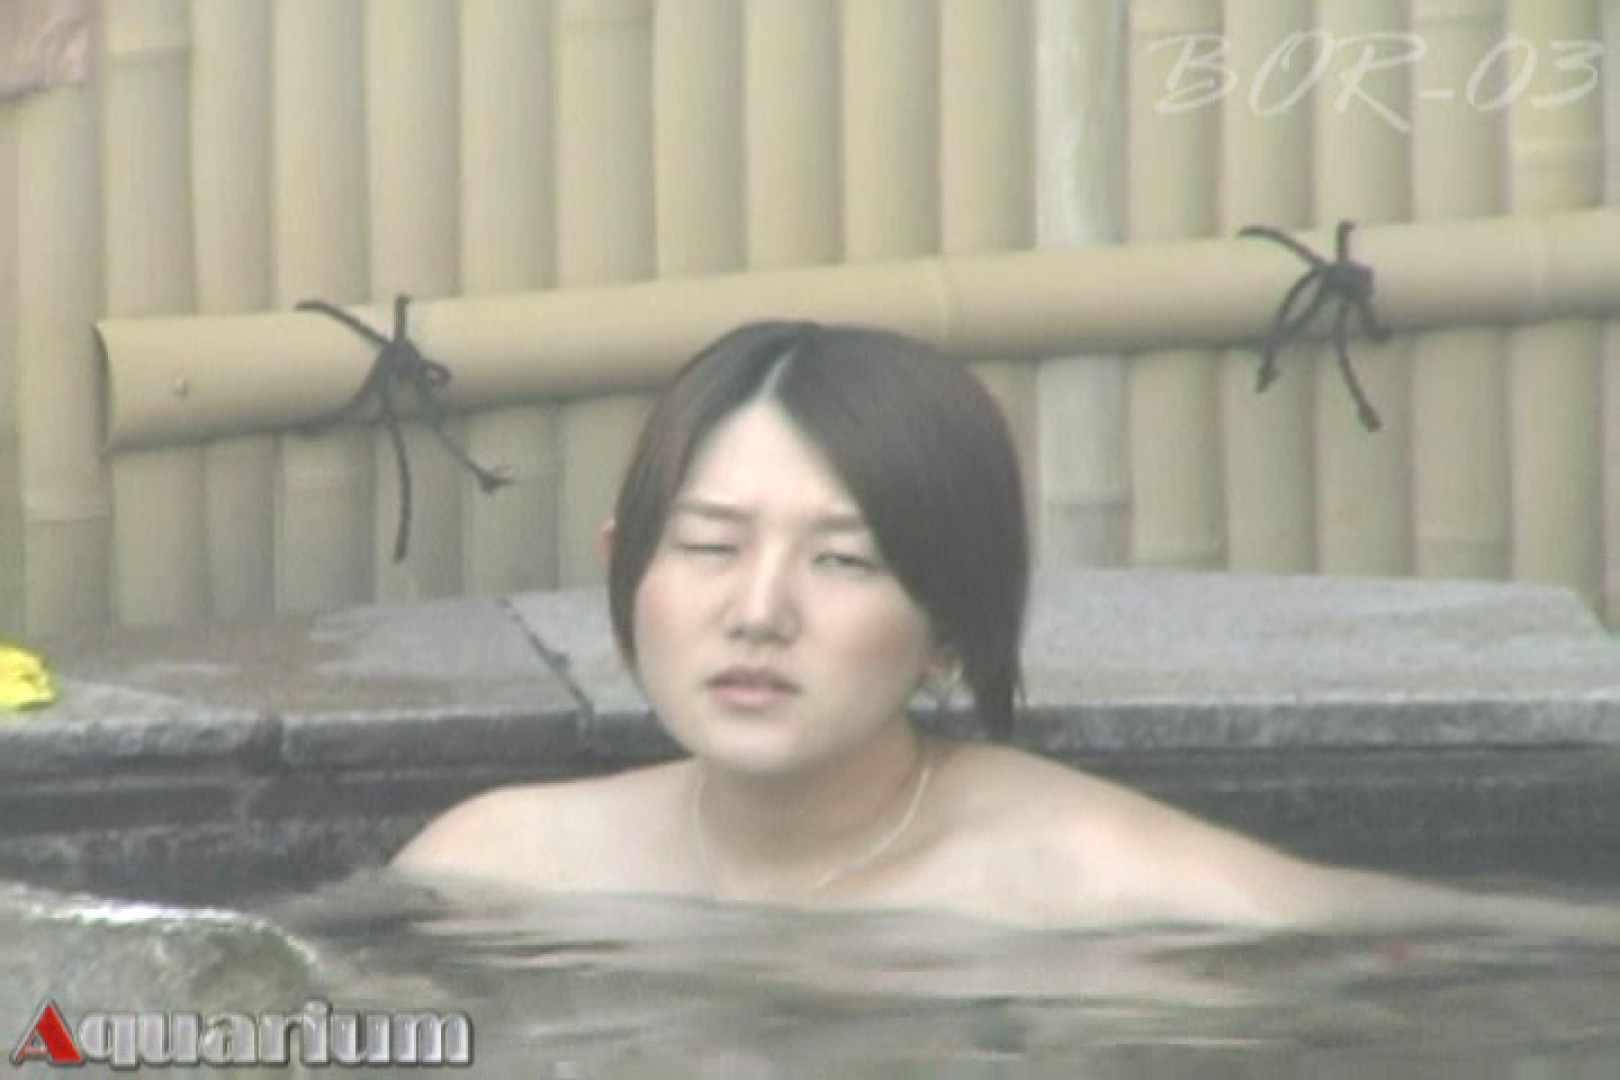 Aquaな露天風呂Vol.487 OLのエロ生活  95連発 27